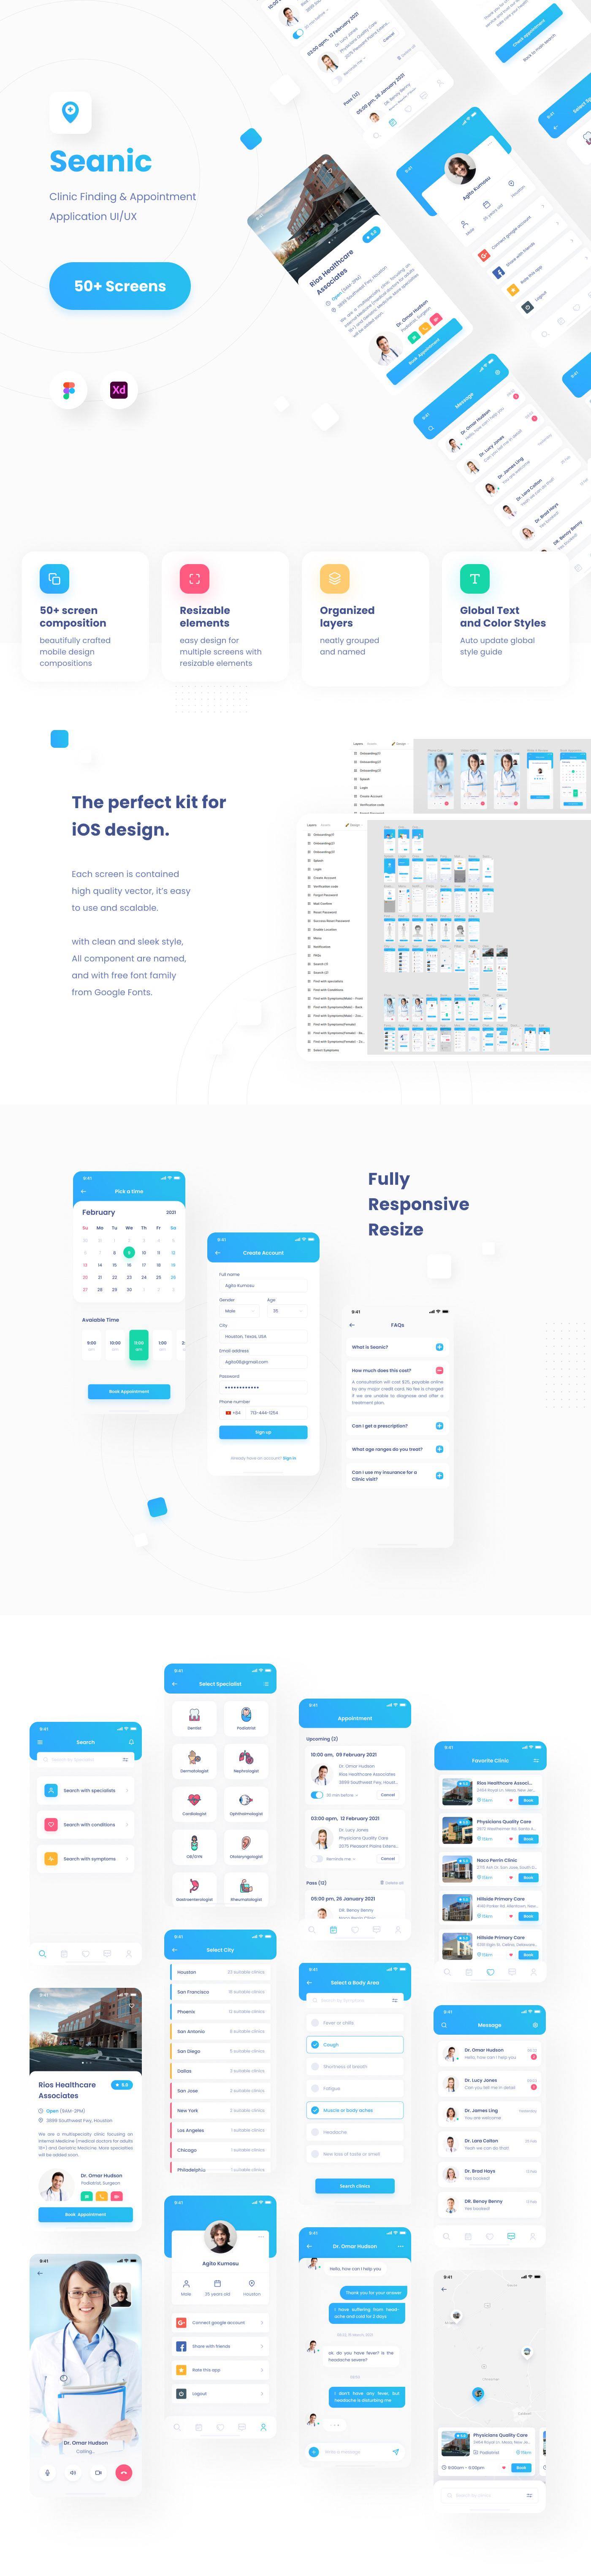 hospital clinic doctor app design Health health care healthcare healthy ui design UX design